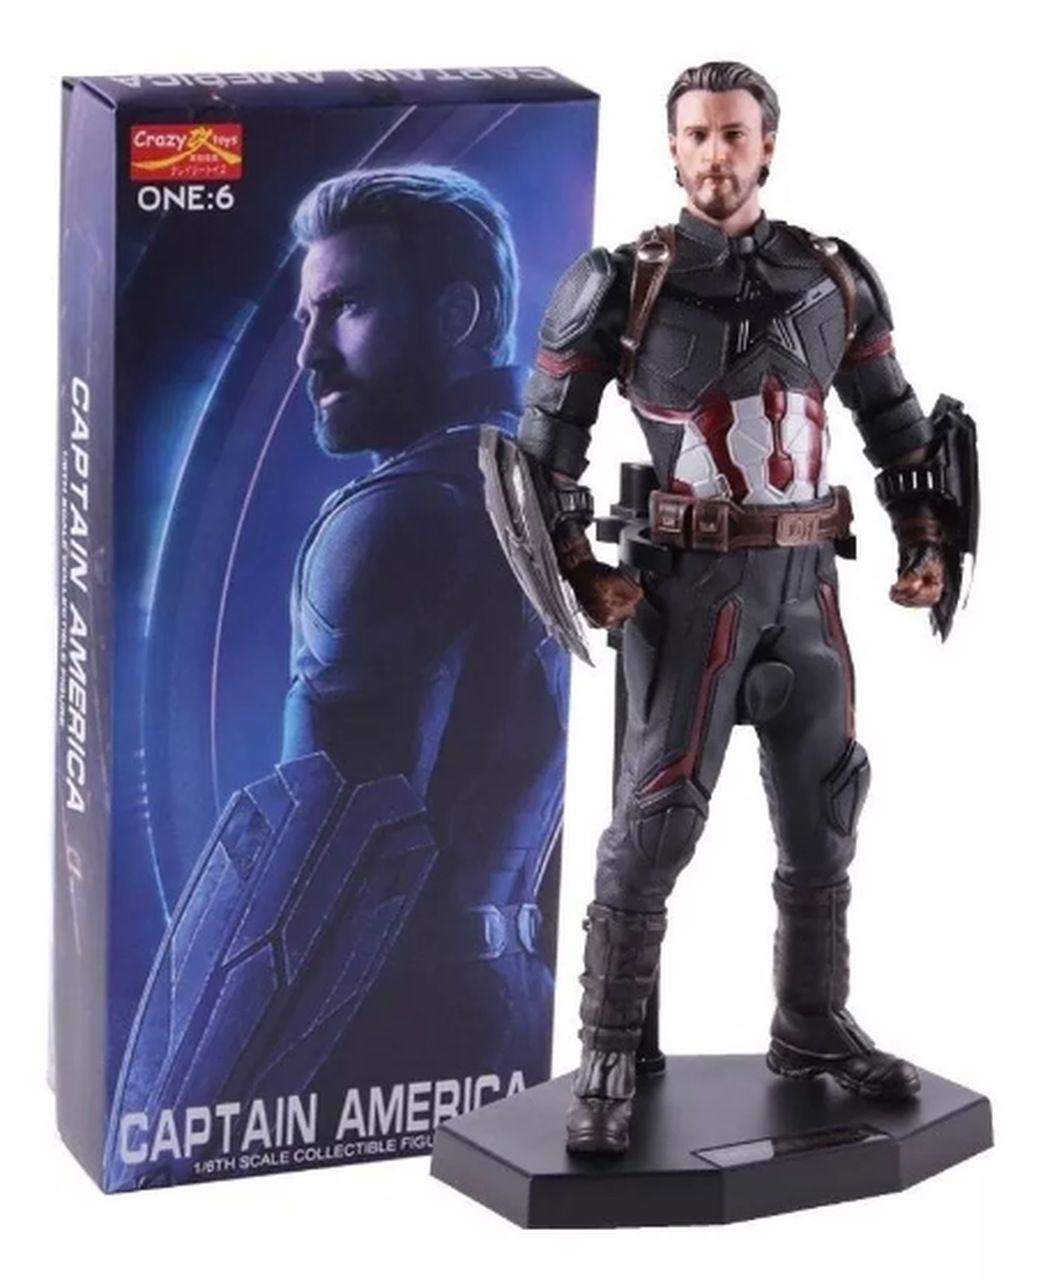 """Estátua """"Capitão América"""" (Avengers Infinity War) Vingadores Guerra Infinita: Escala 1/6 - Crazy Toys Action Figure"""